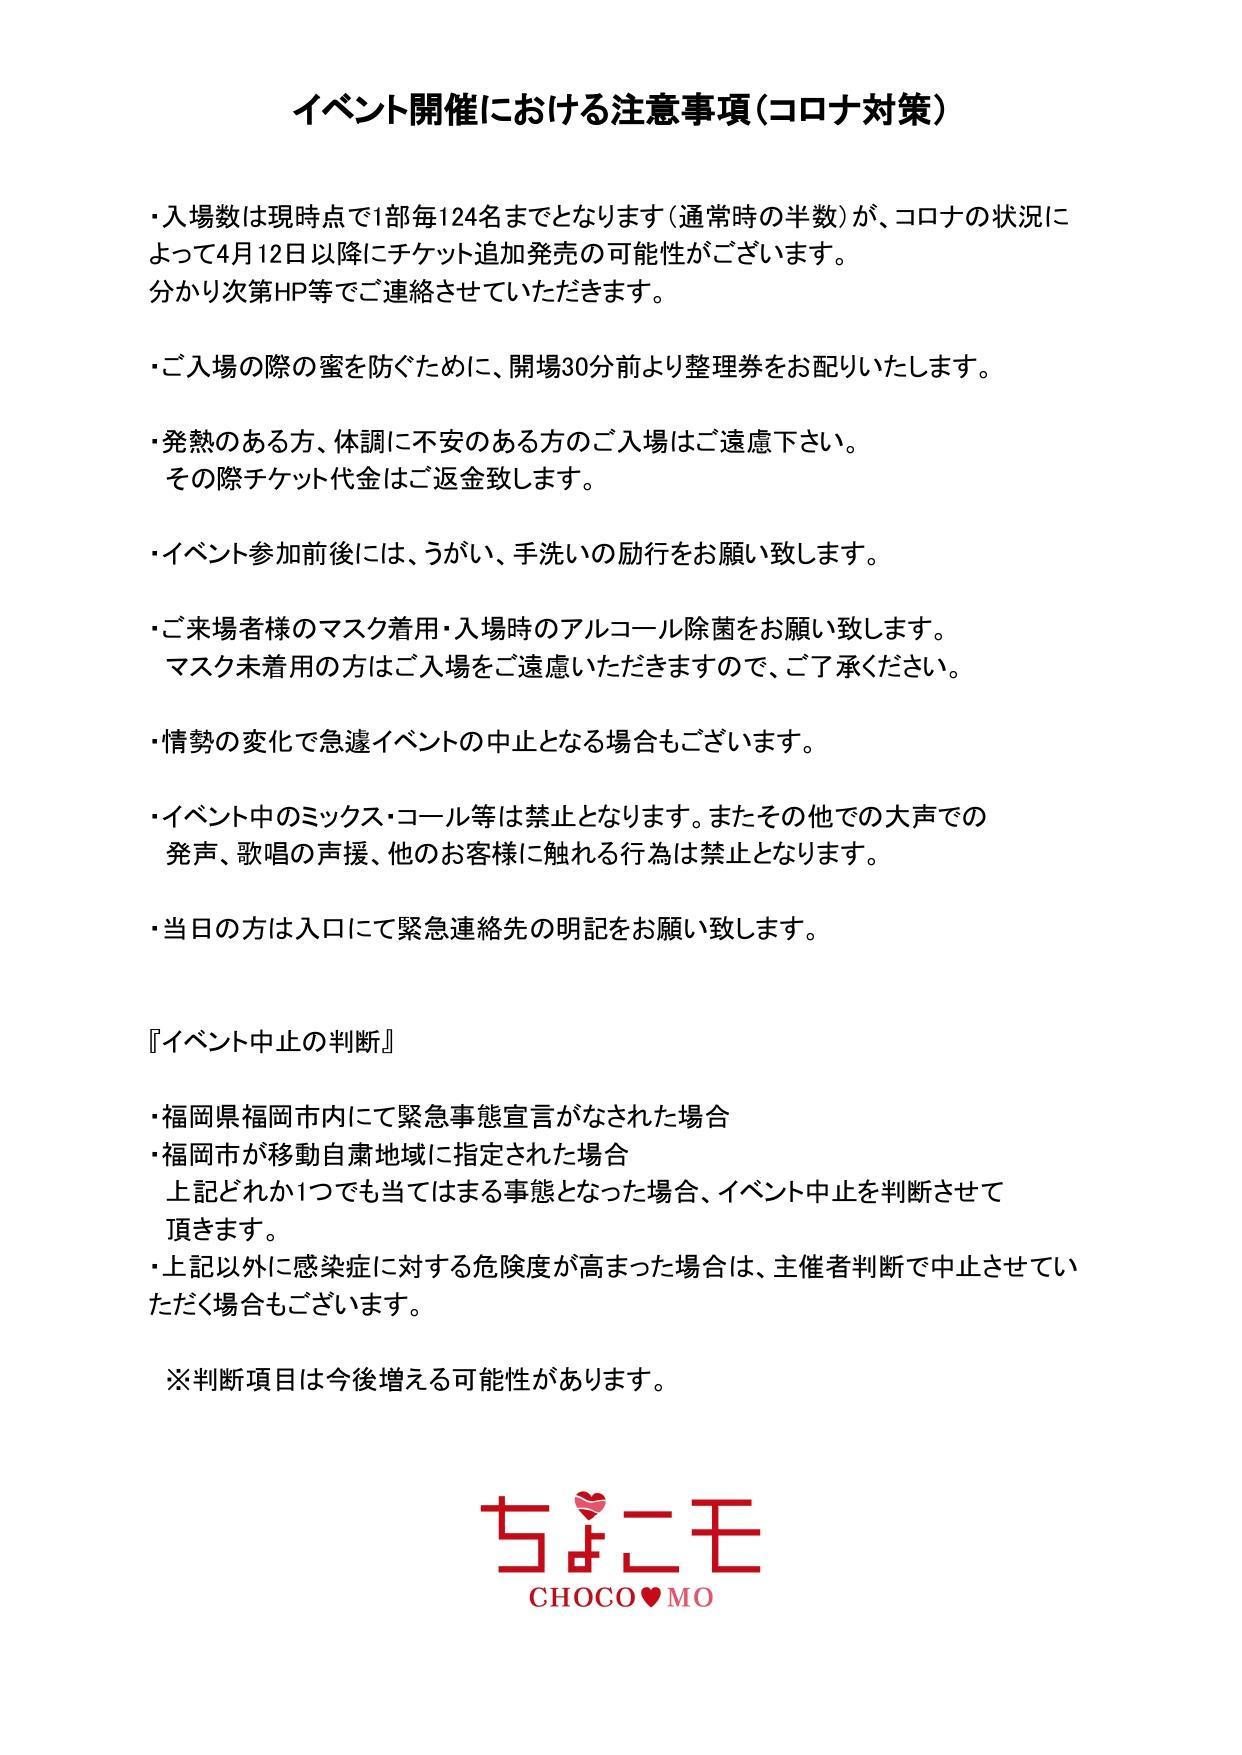 イベント開催における注意事項(コロナ対策)_page-0001.jpg